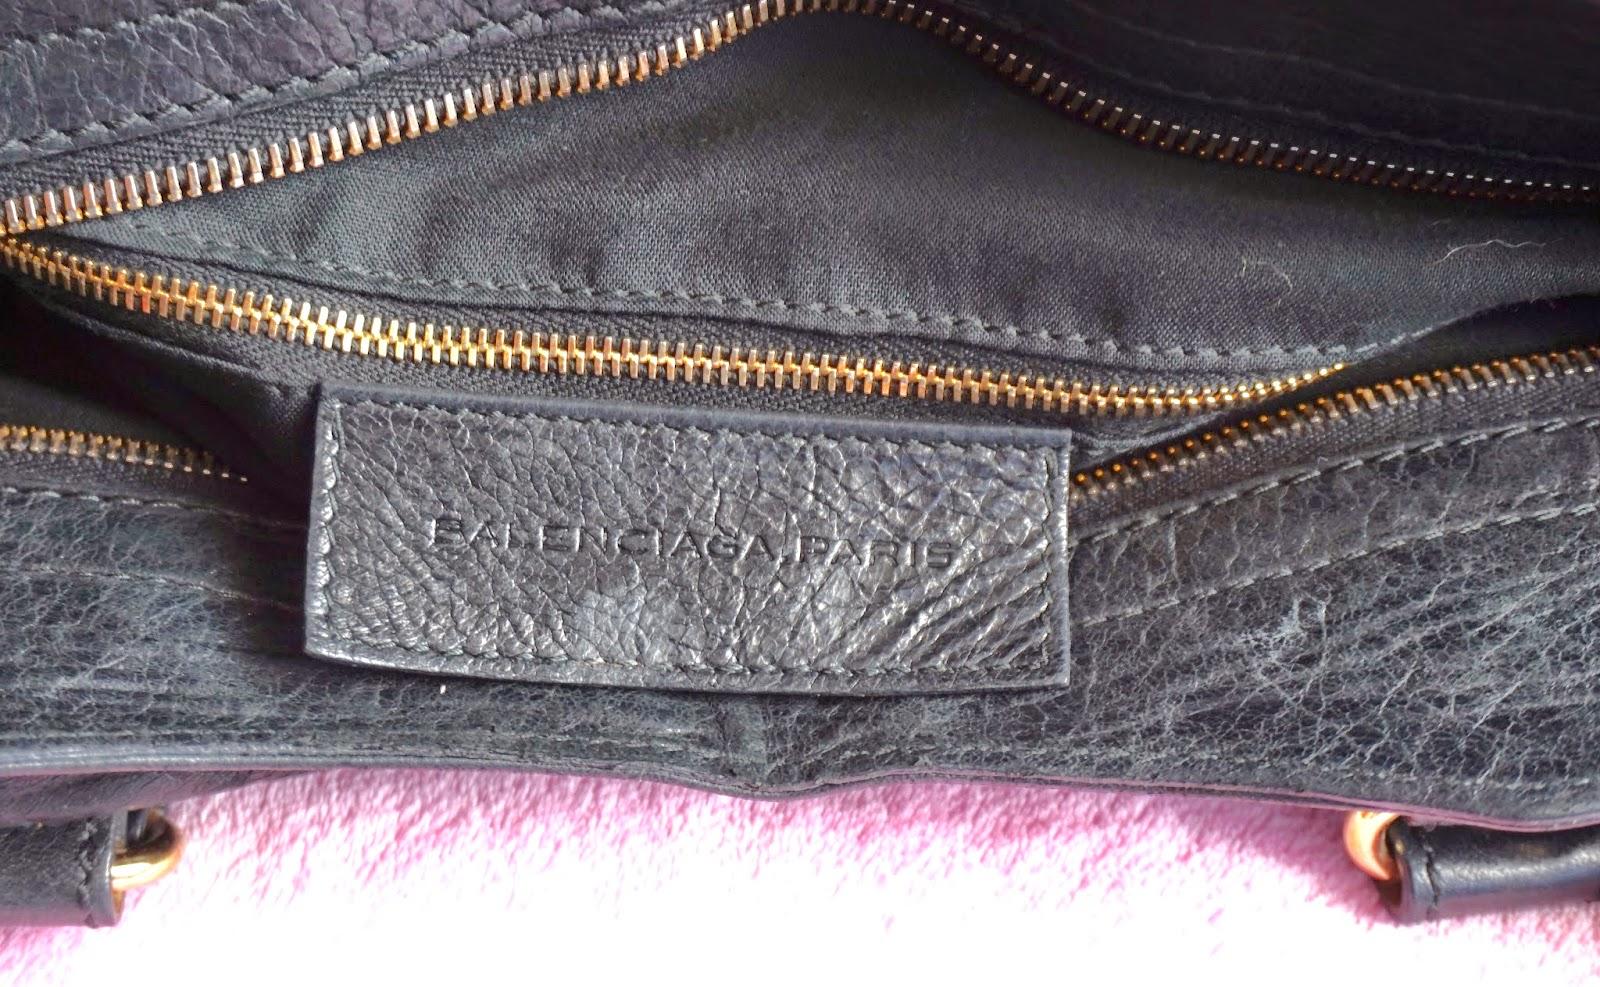 Balenciaga Velo Bag Review